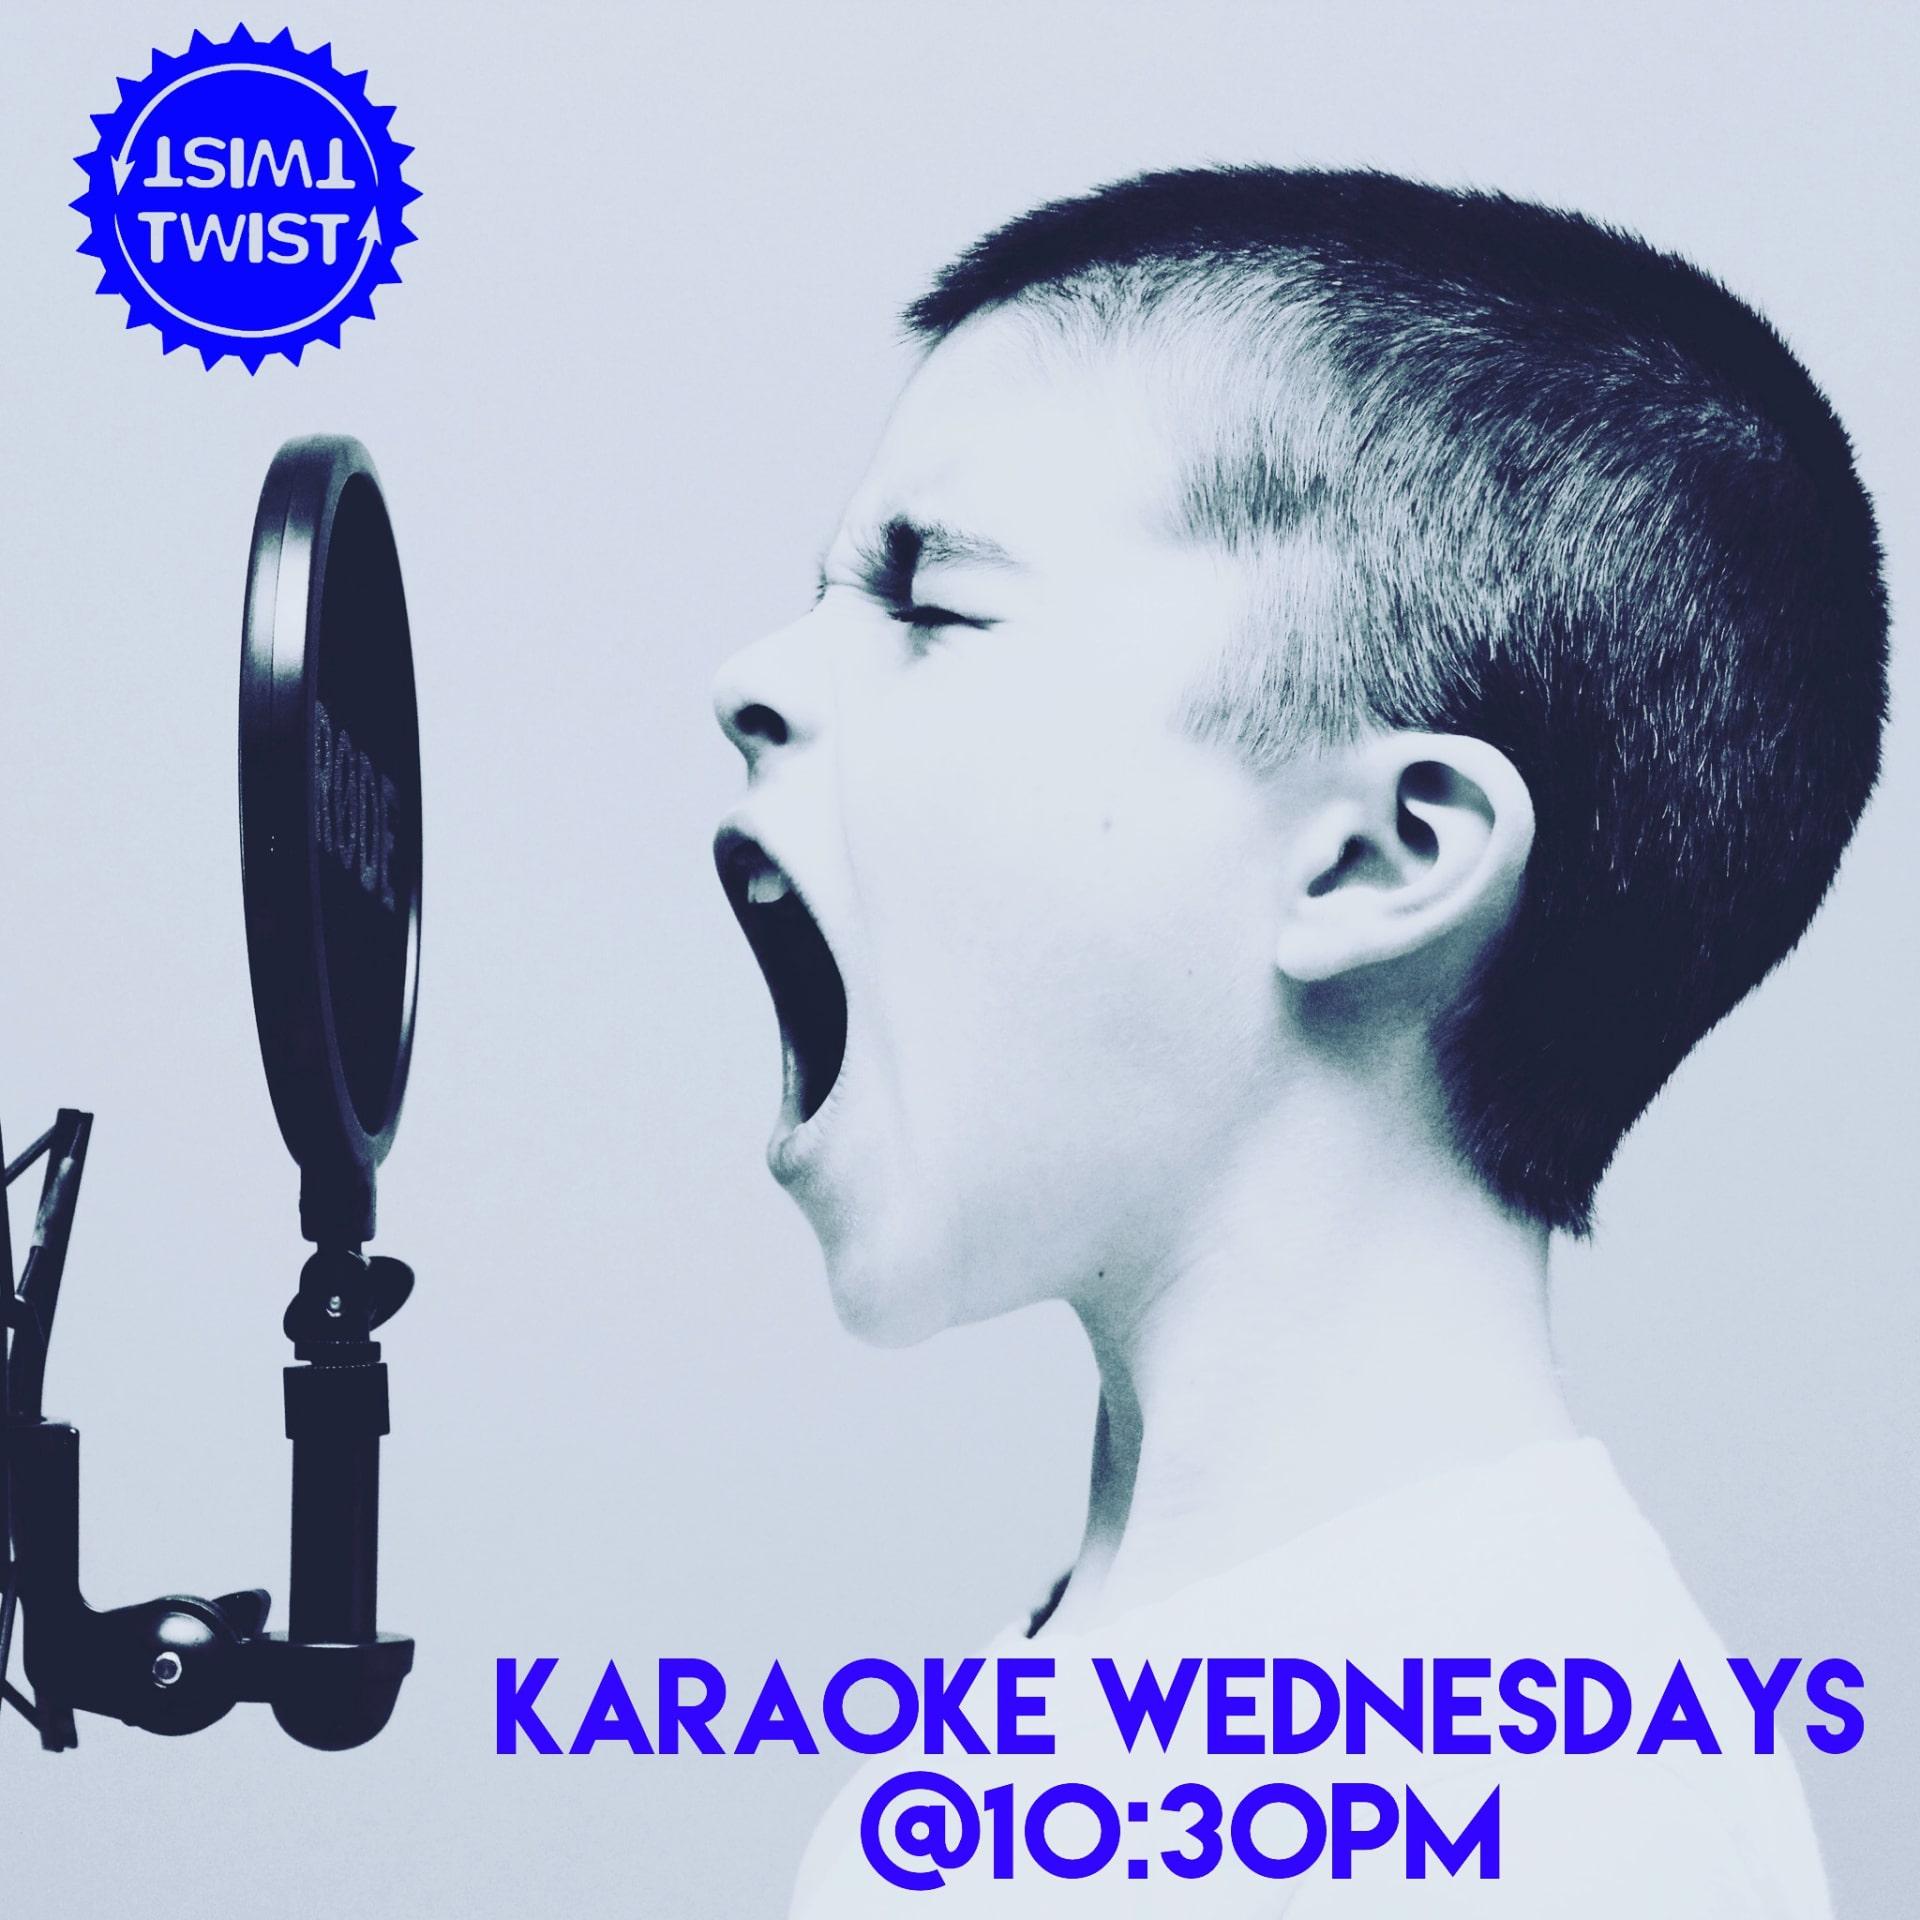 Wednesday - Karaoke